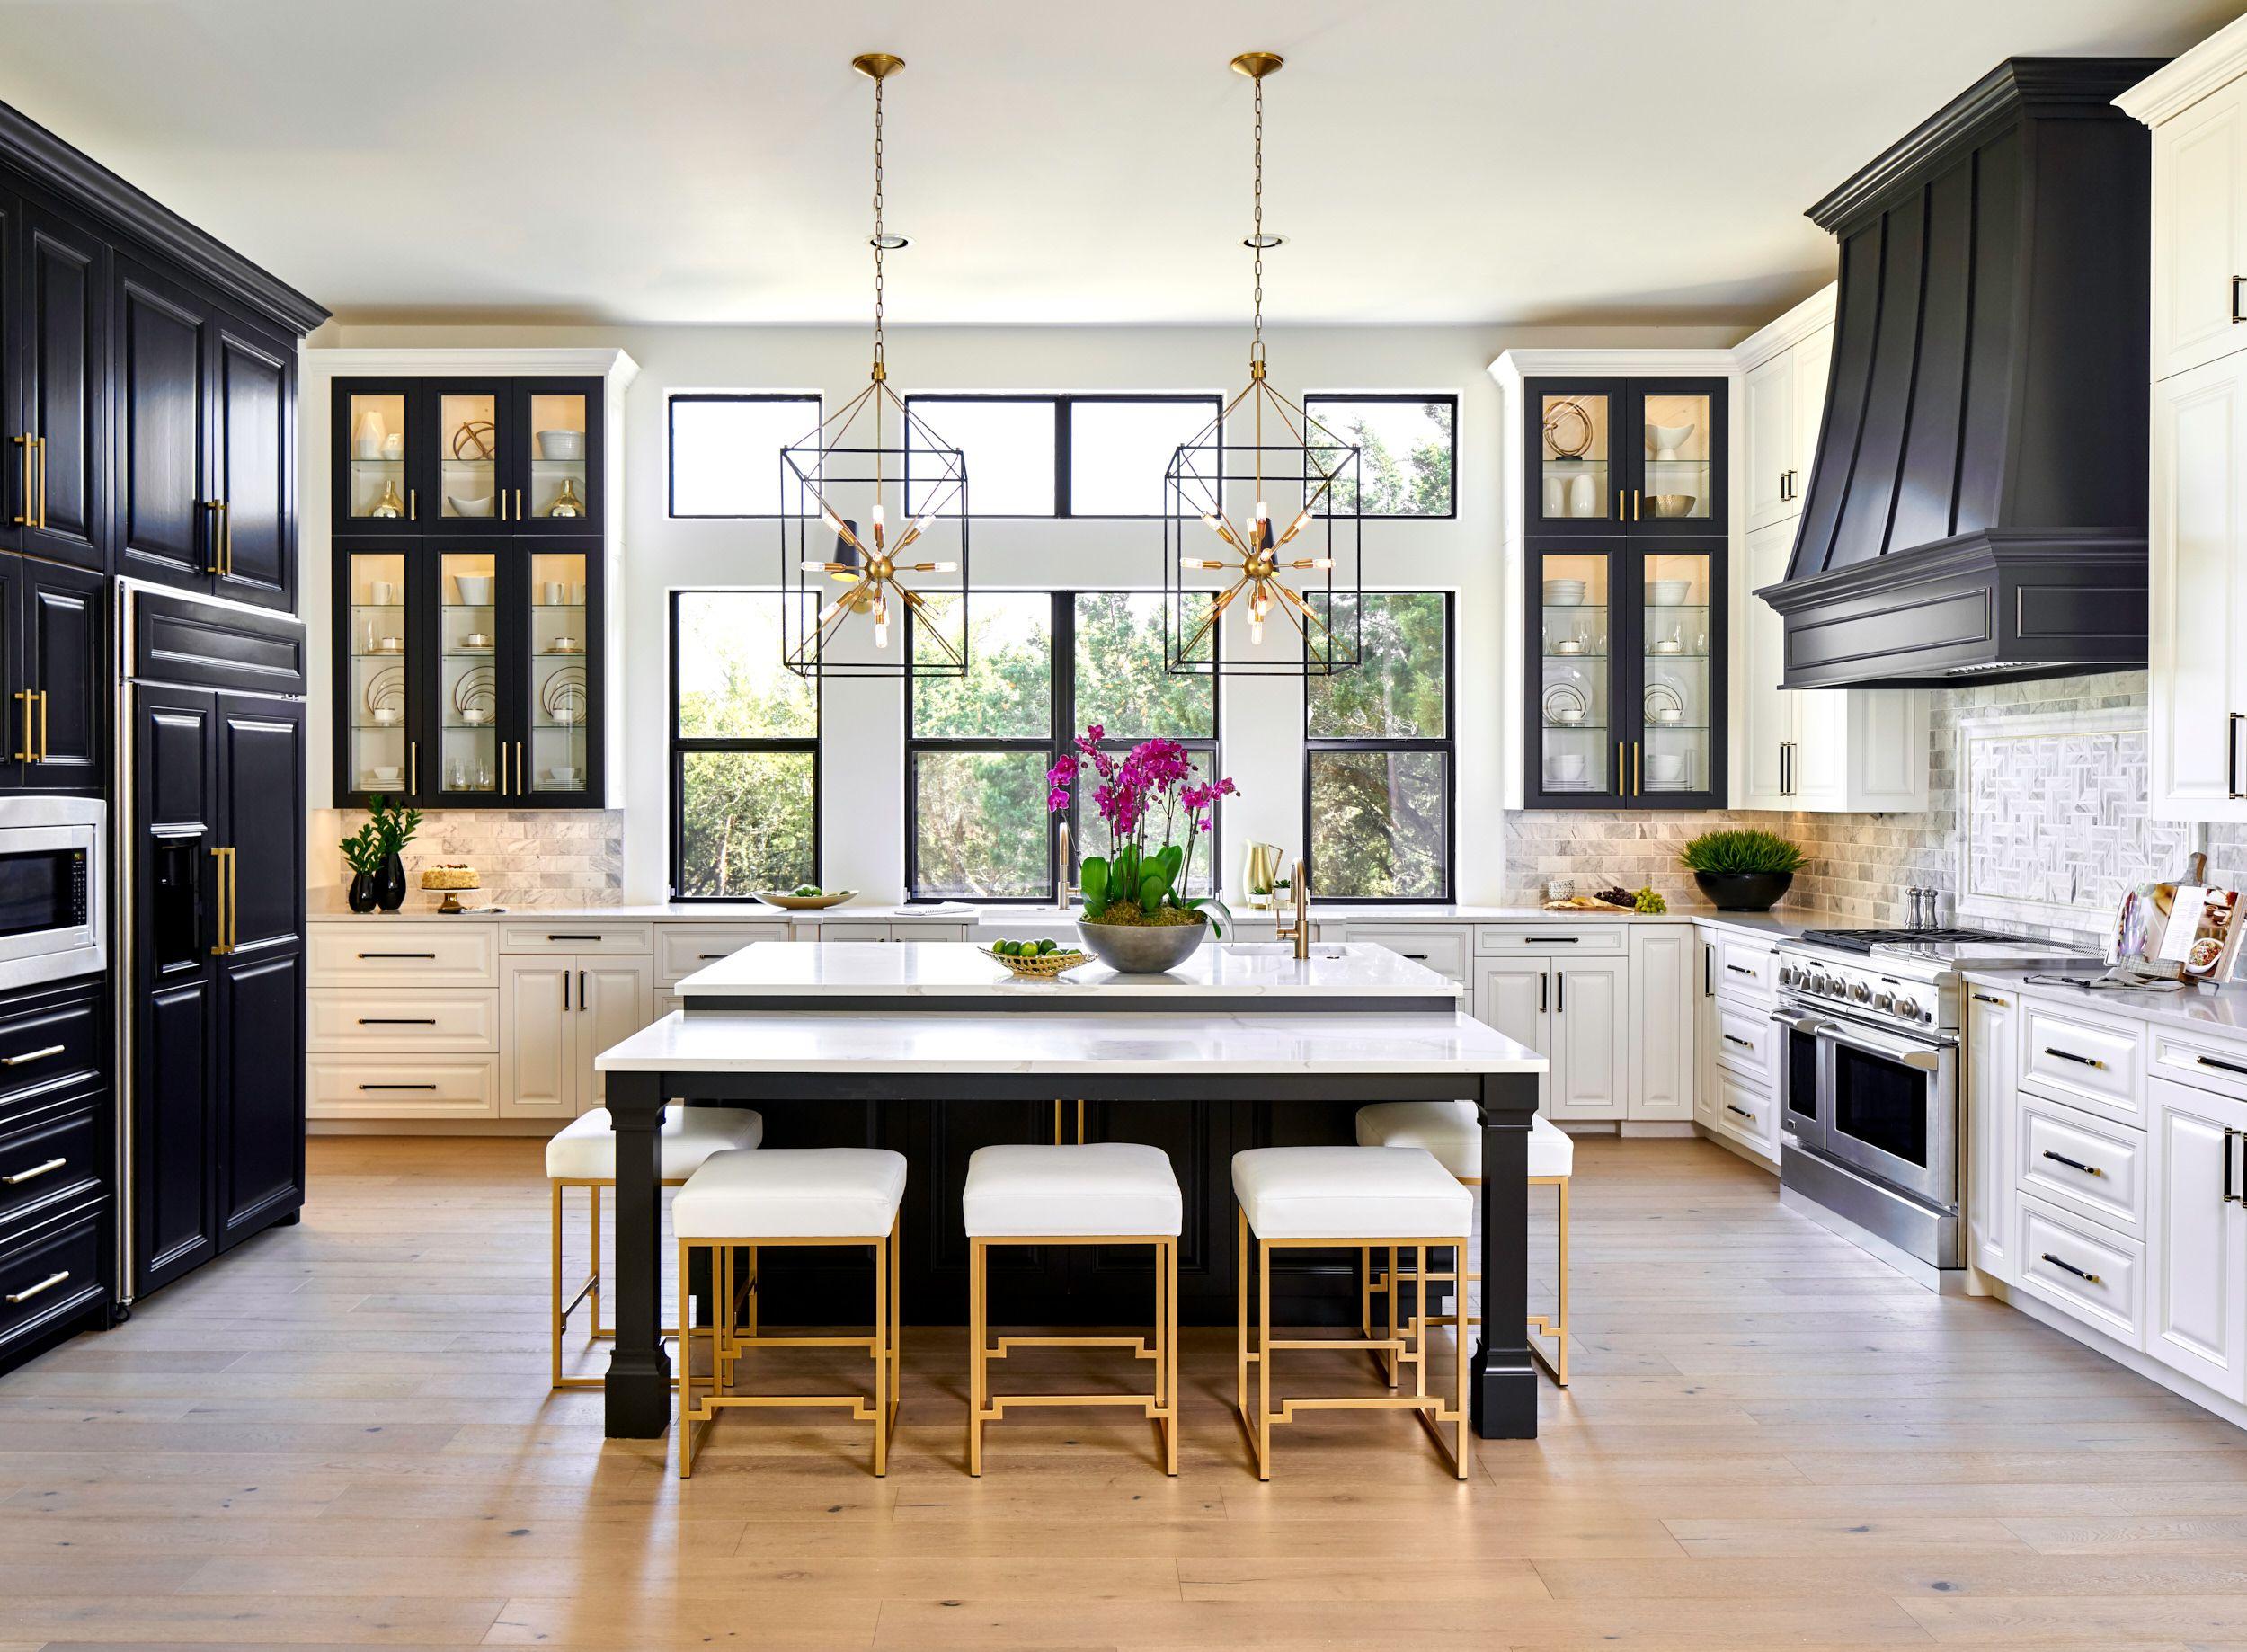 Phong cách Metallic trong thiết kế nội thất